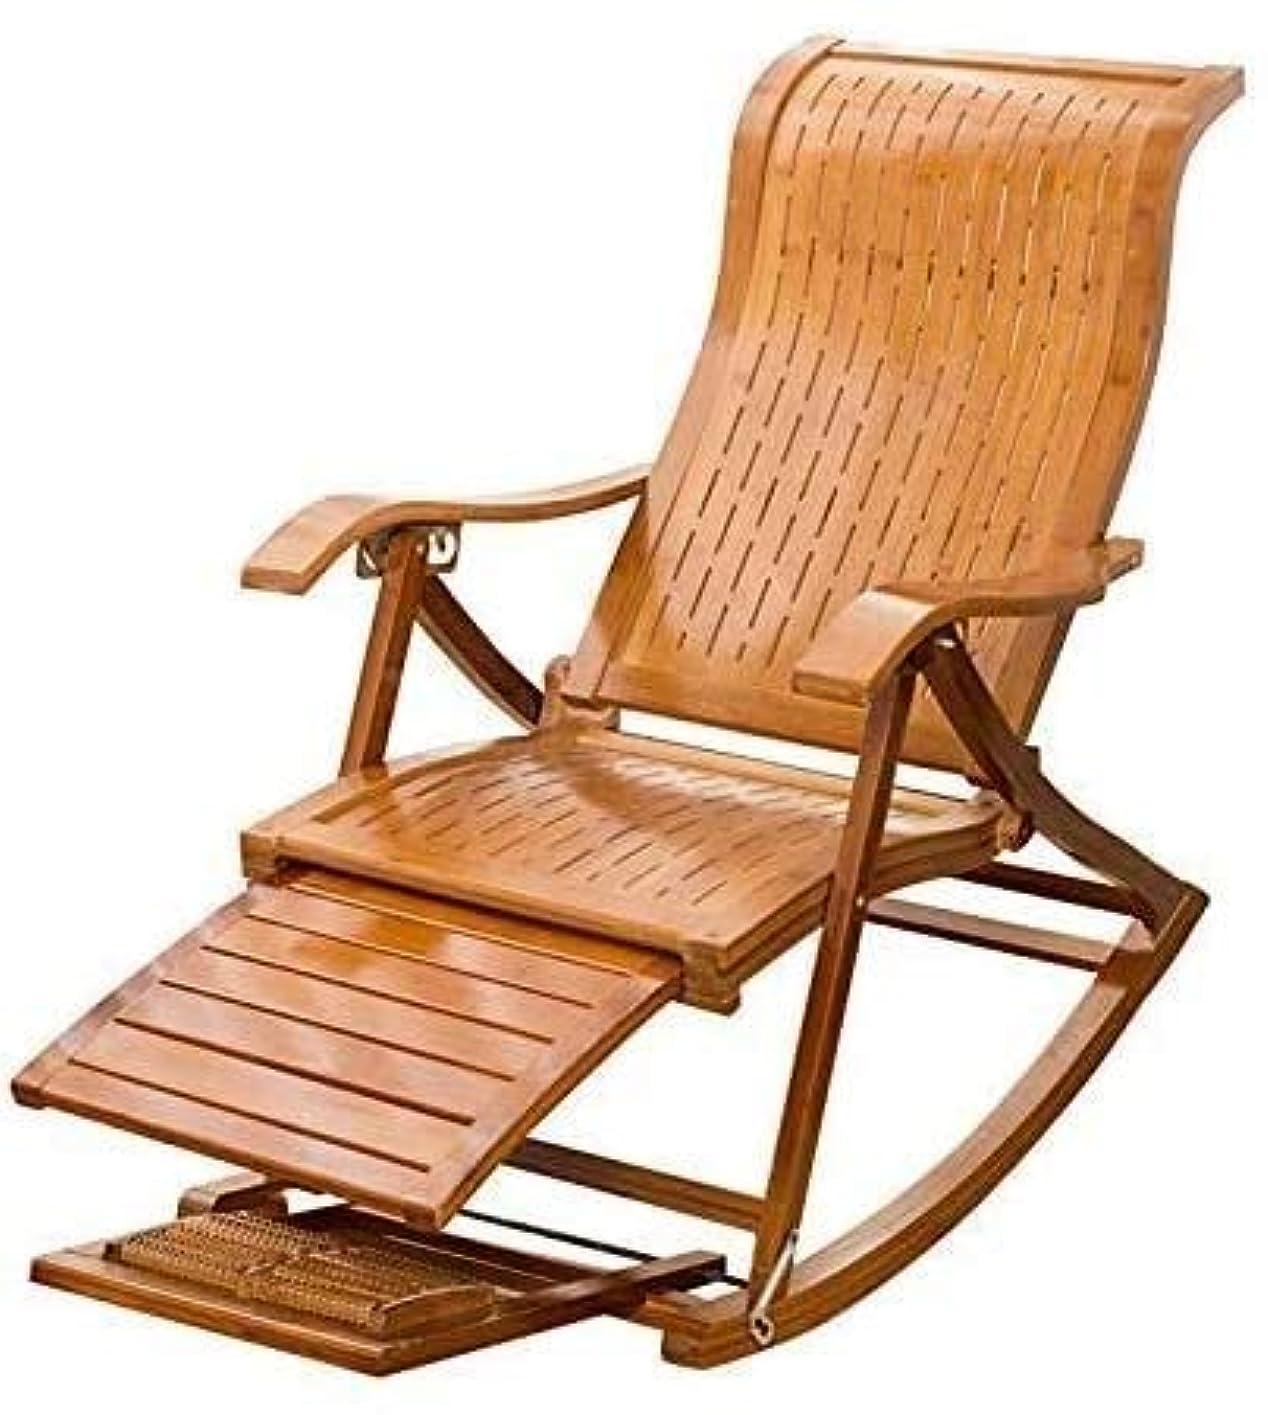 目的ボイドしないでくださいリクライニングチェアの屋外の椅子、ラウンジチェア、屋外の庭のロッキングチェアリラックスチェア、ビーチ日光浴、クッションカバーリクライニングチェア